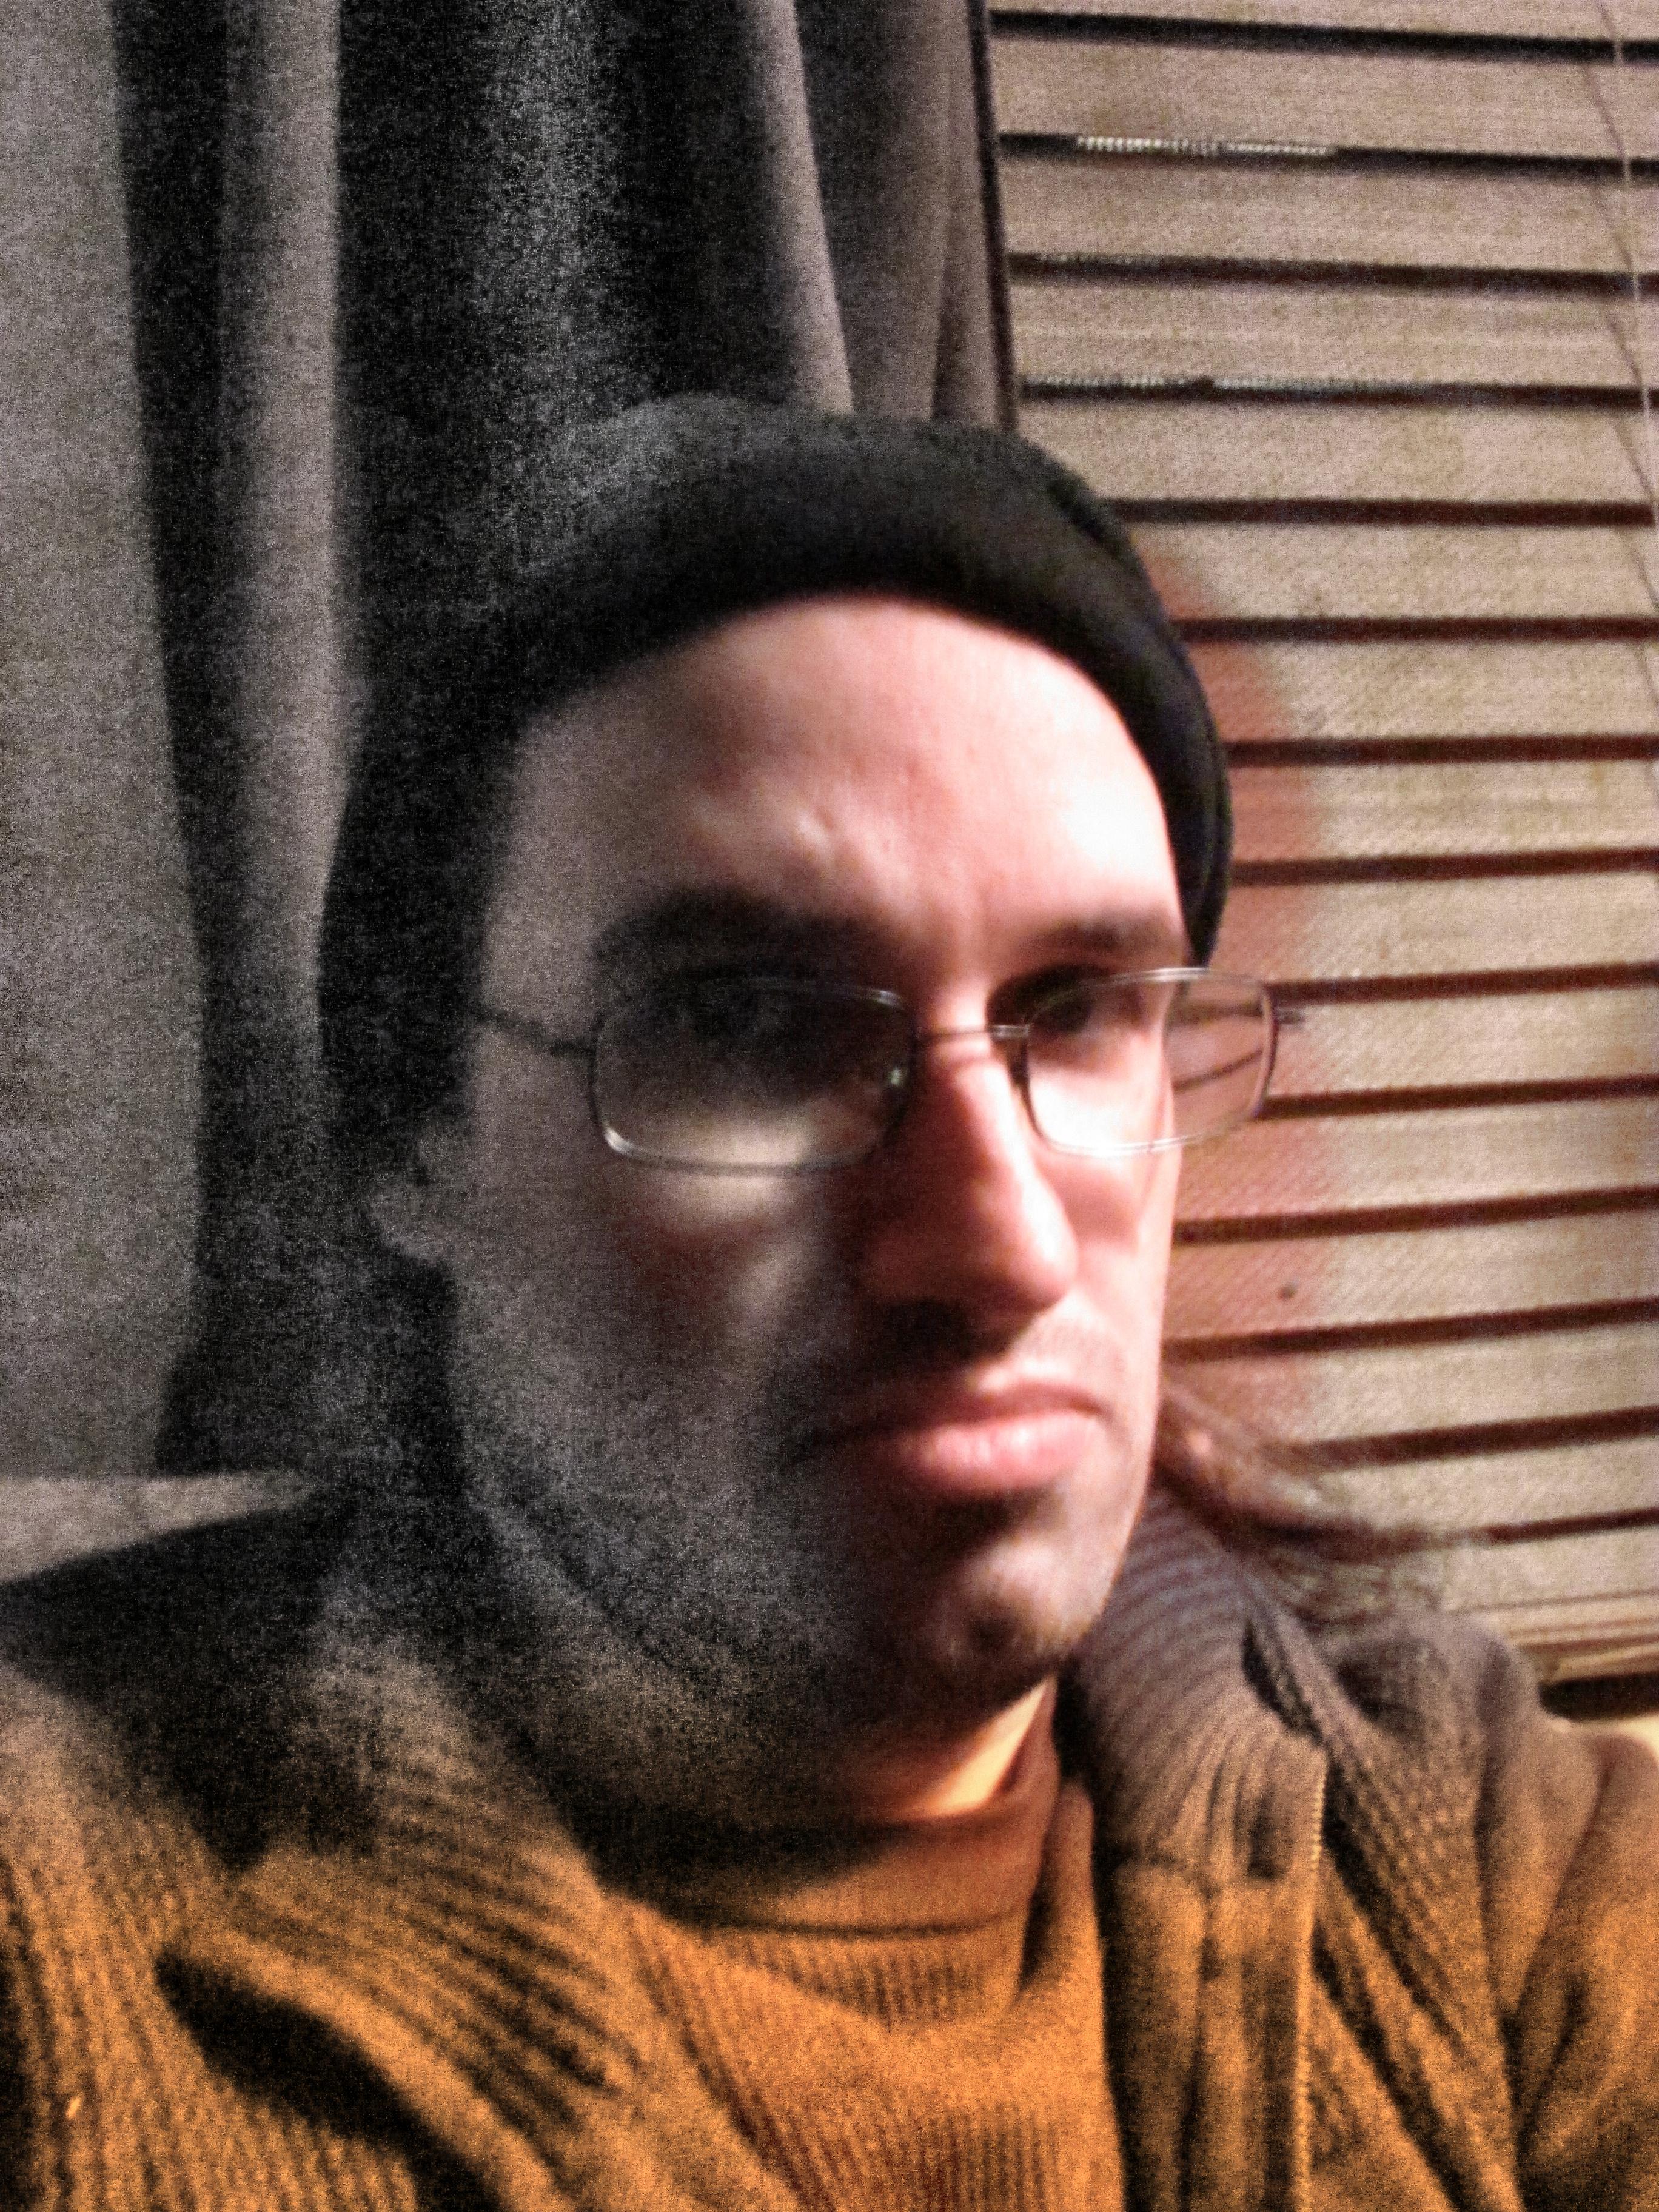 Zlain81's Profile Picture